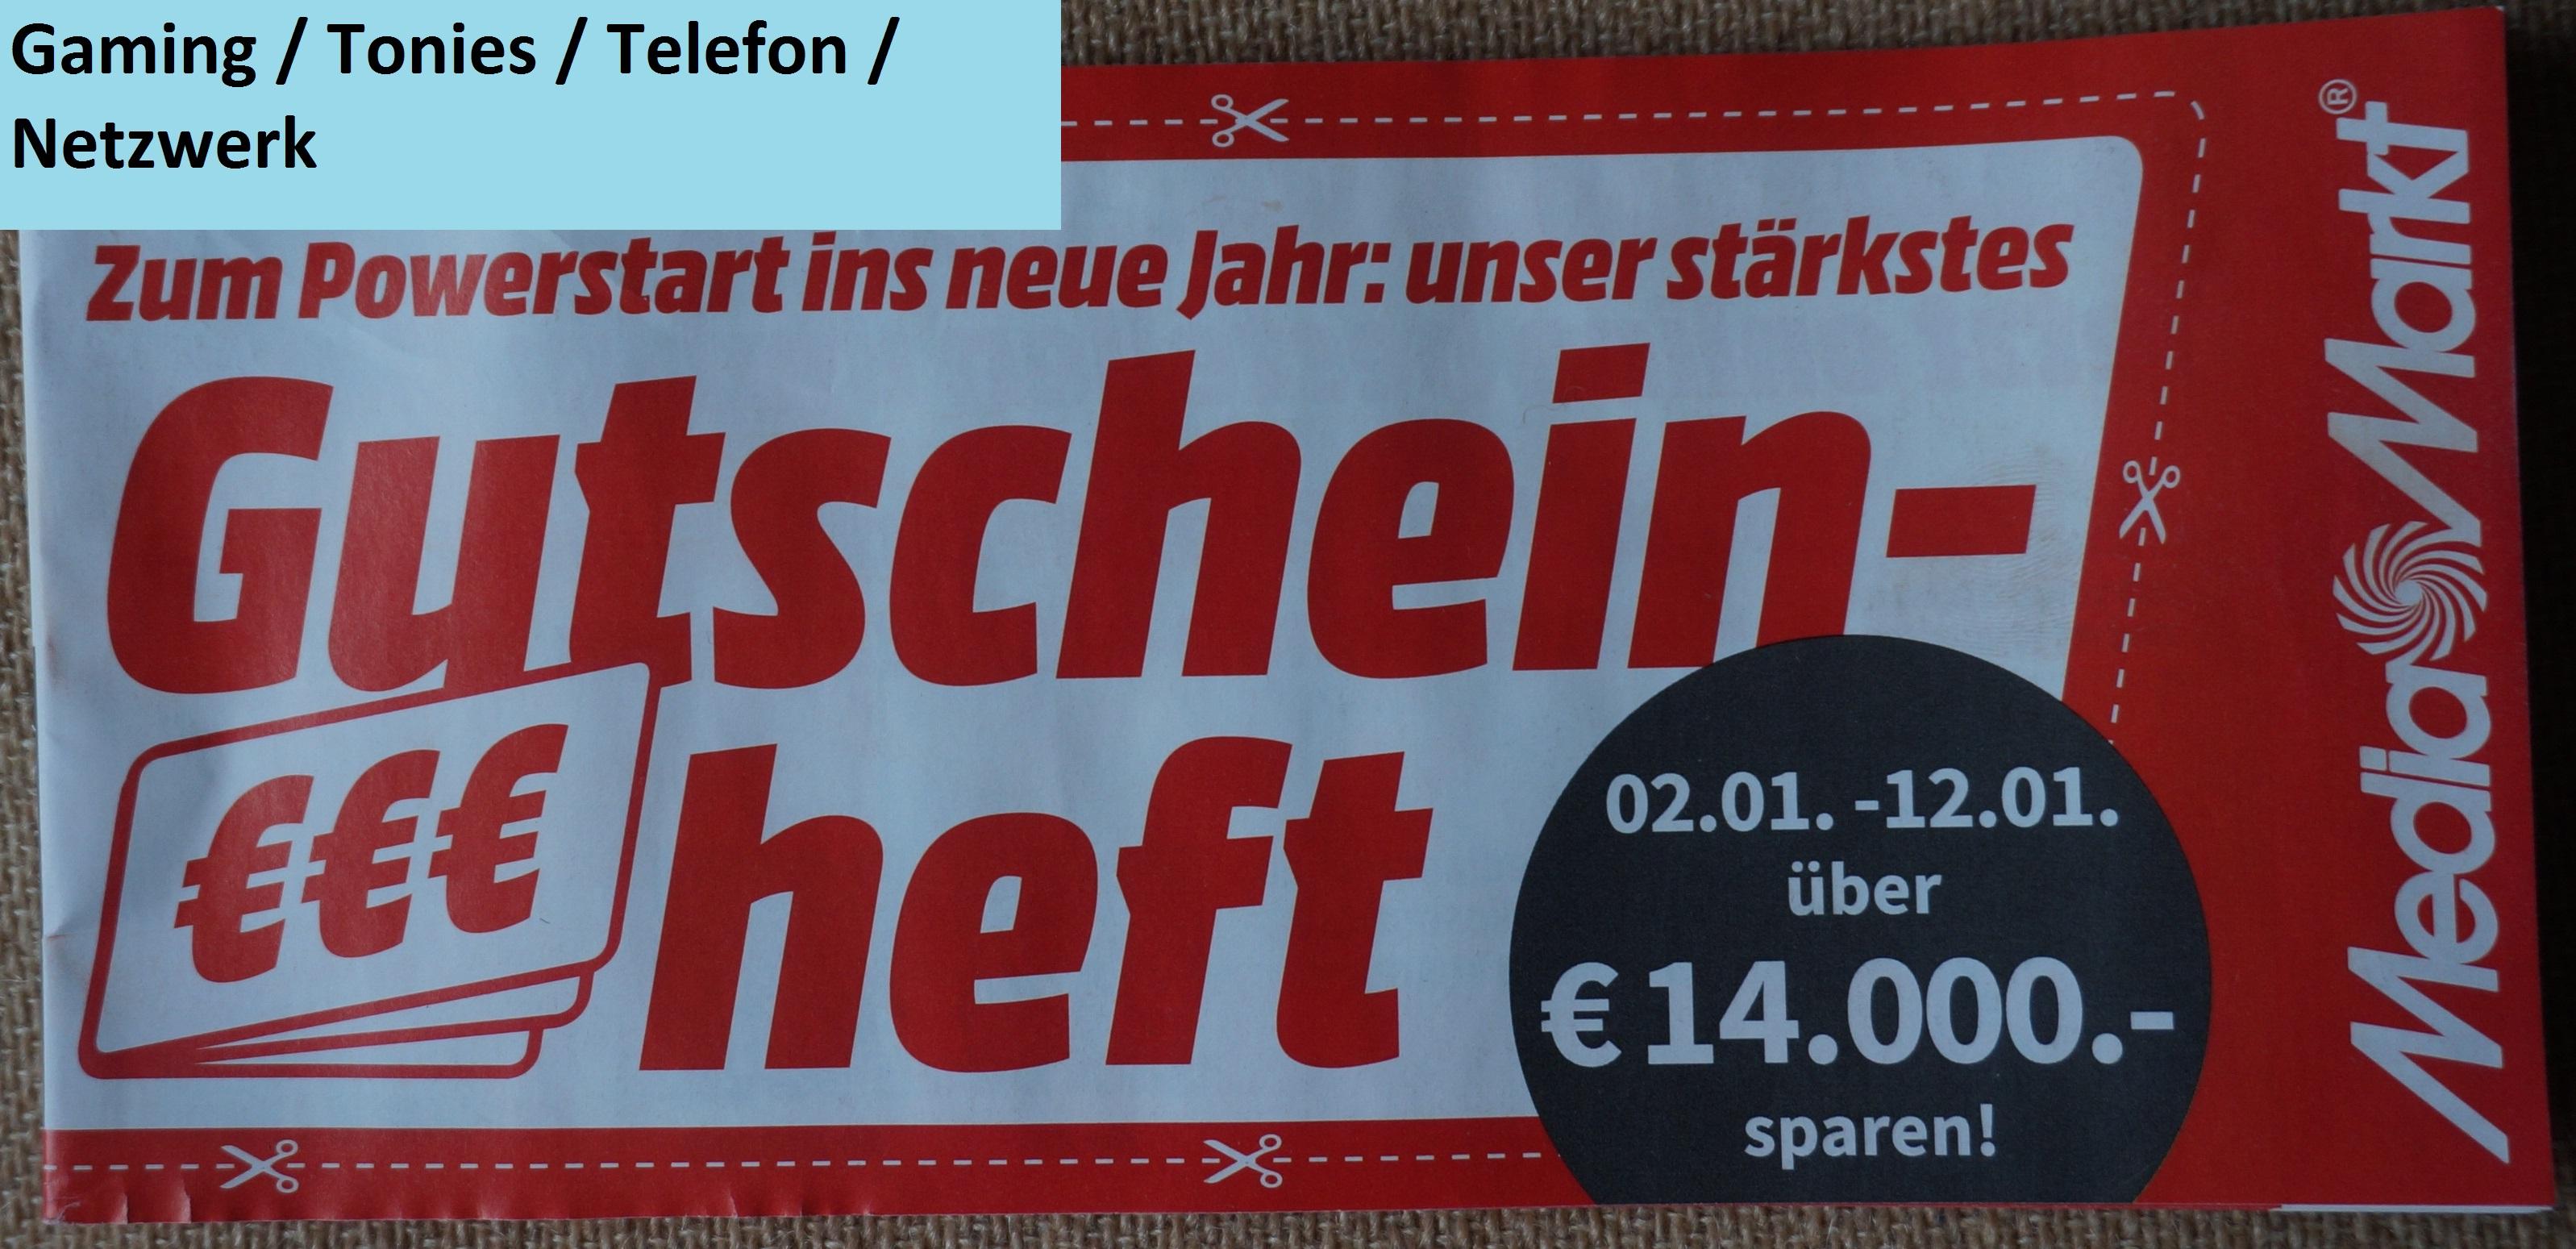 [Media Markt] Nur Online - Gutschein Heft: Gaming / Tonies / Telefon / Netzwerk gültig 02.01.2021 - 13.01.2021